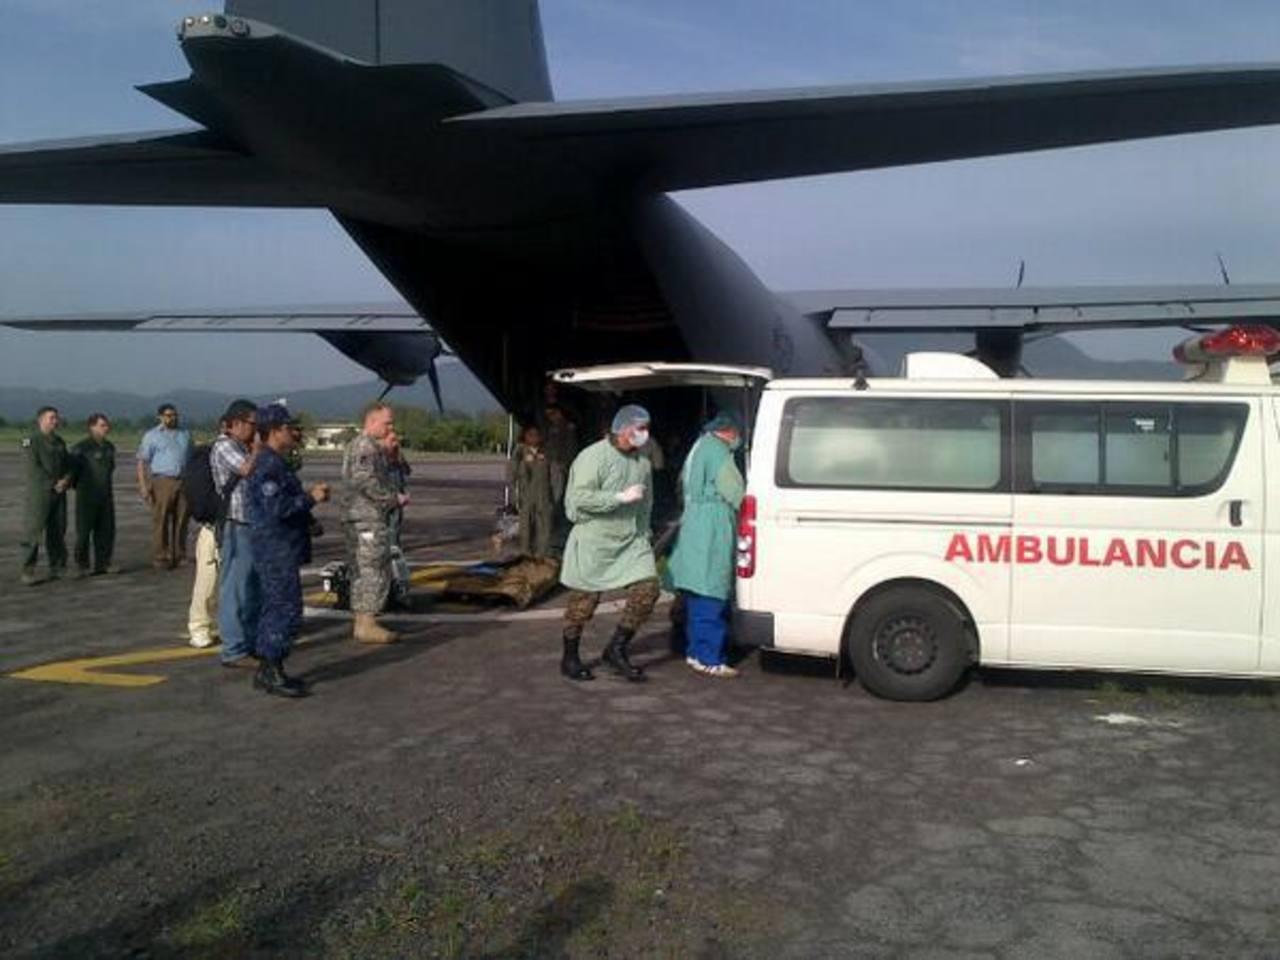 Este avión Hércules C-130 traslada al salvadoreño a Estados Unidos ésta mañana.